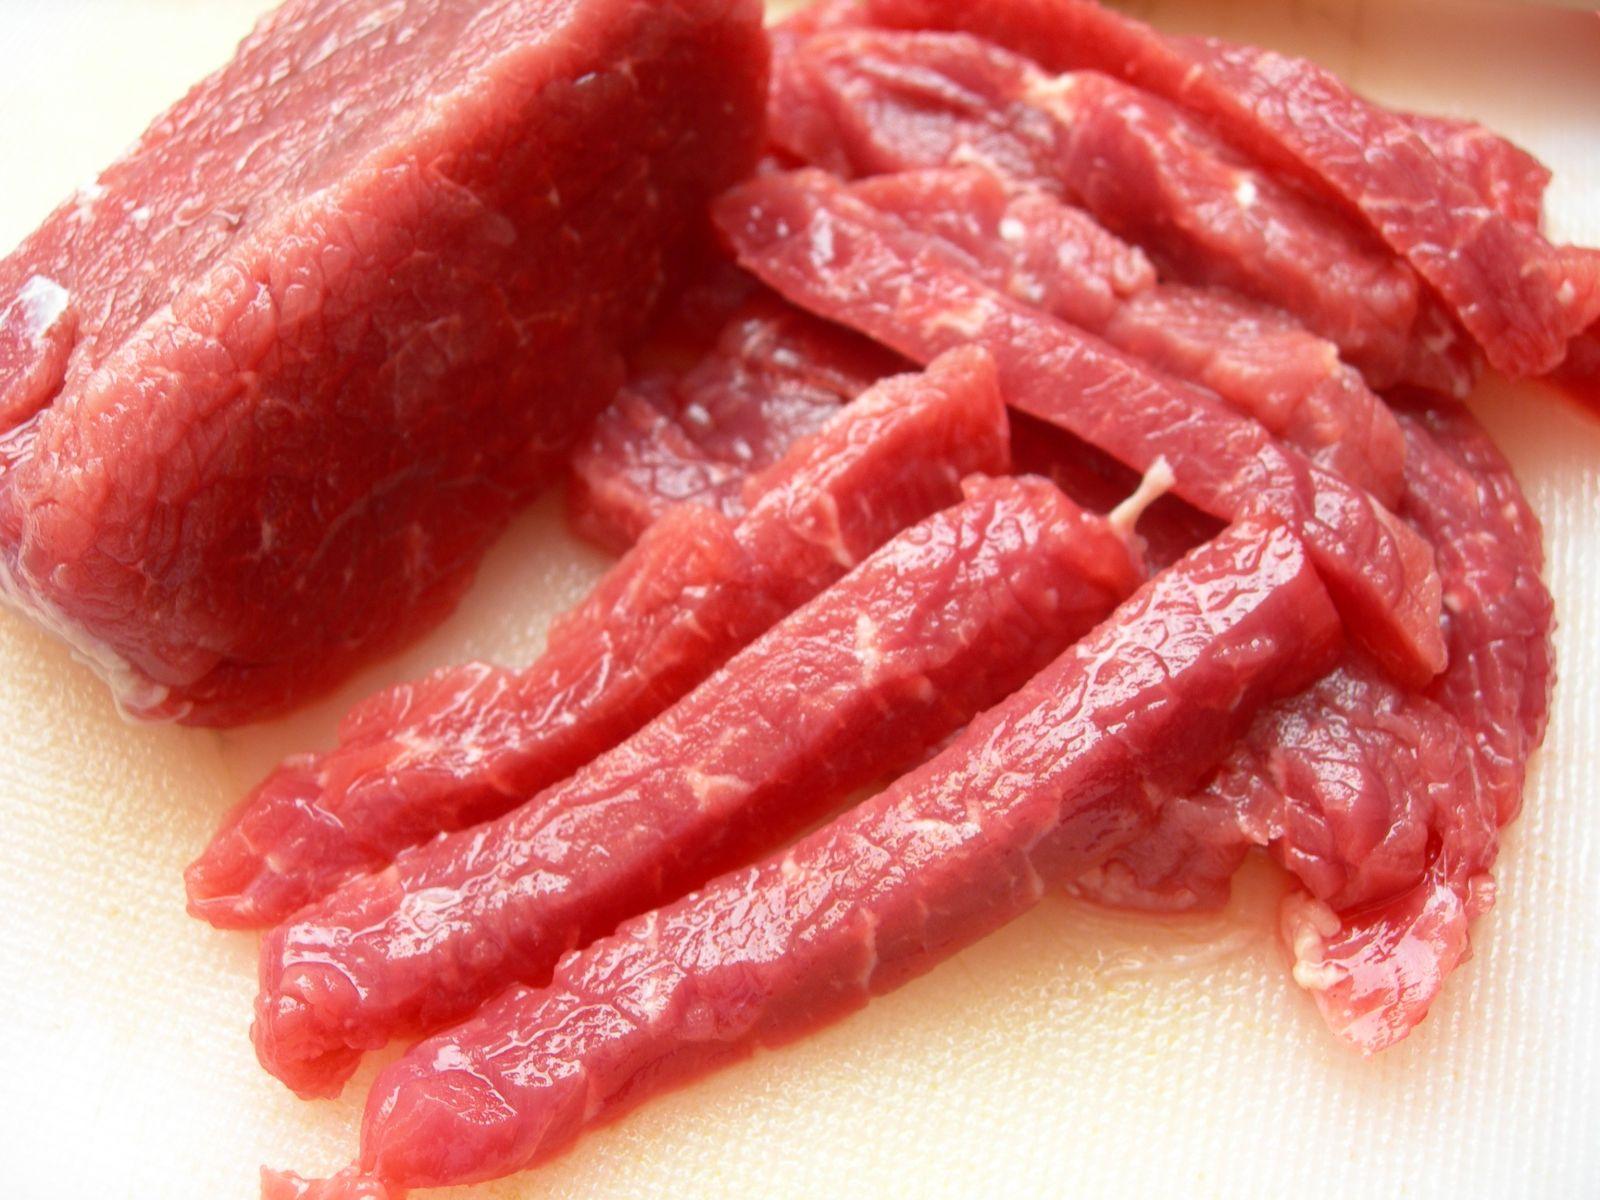 Mẹo chọn thịt bò tươi ngon cực chính xác - Ảnh 1